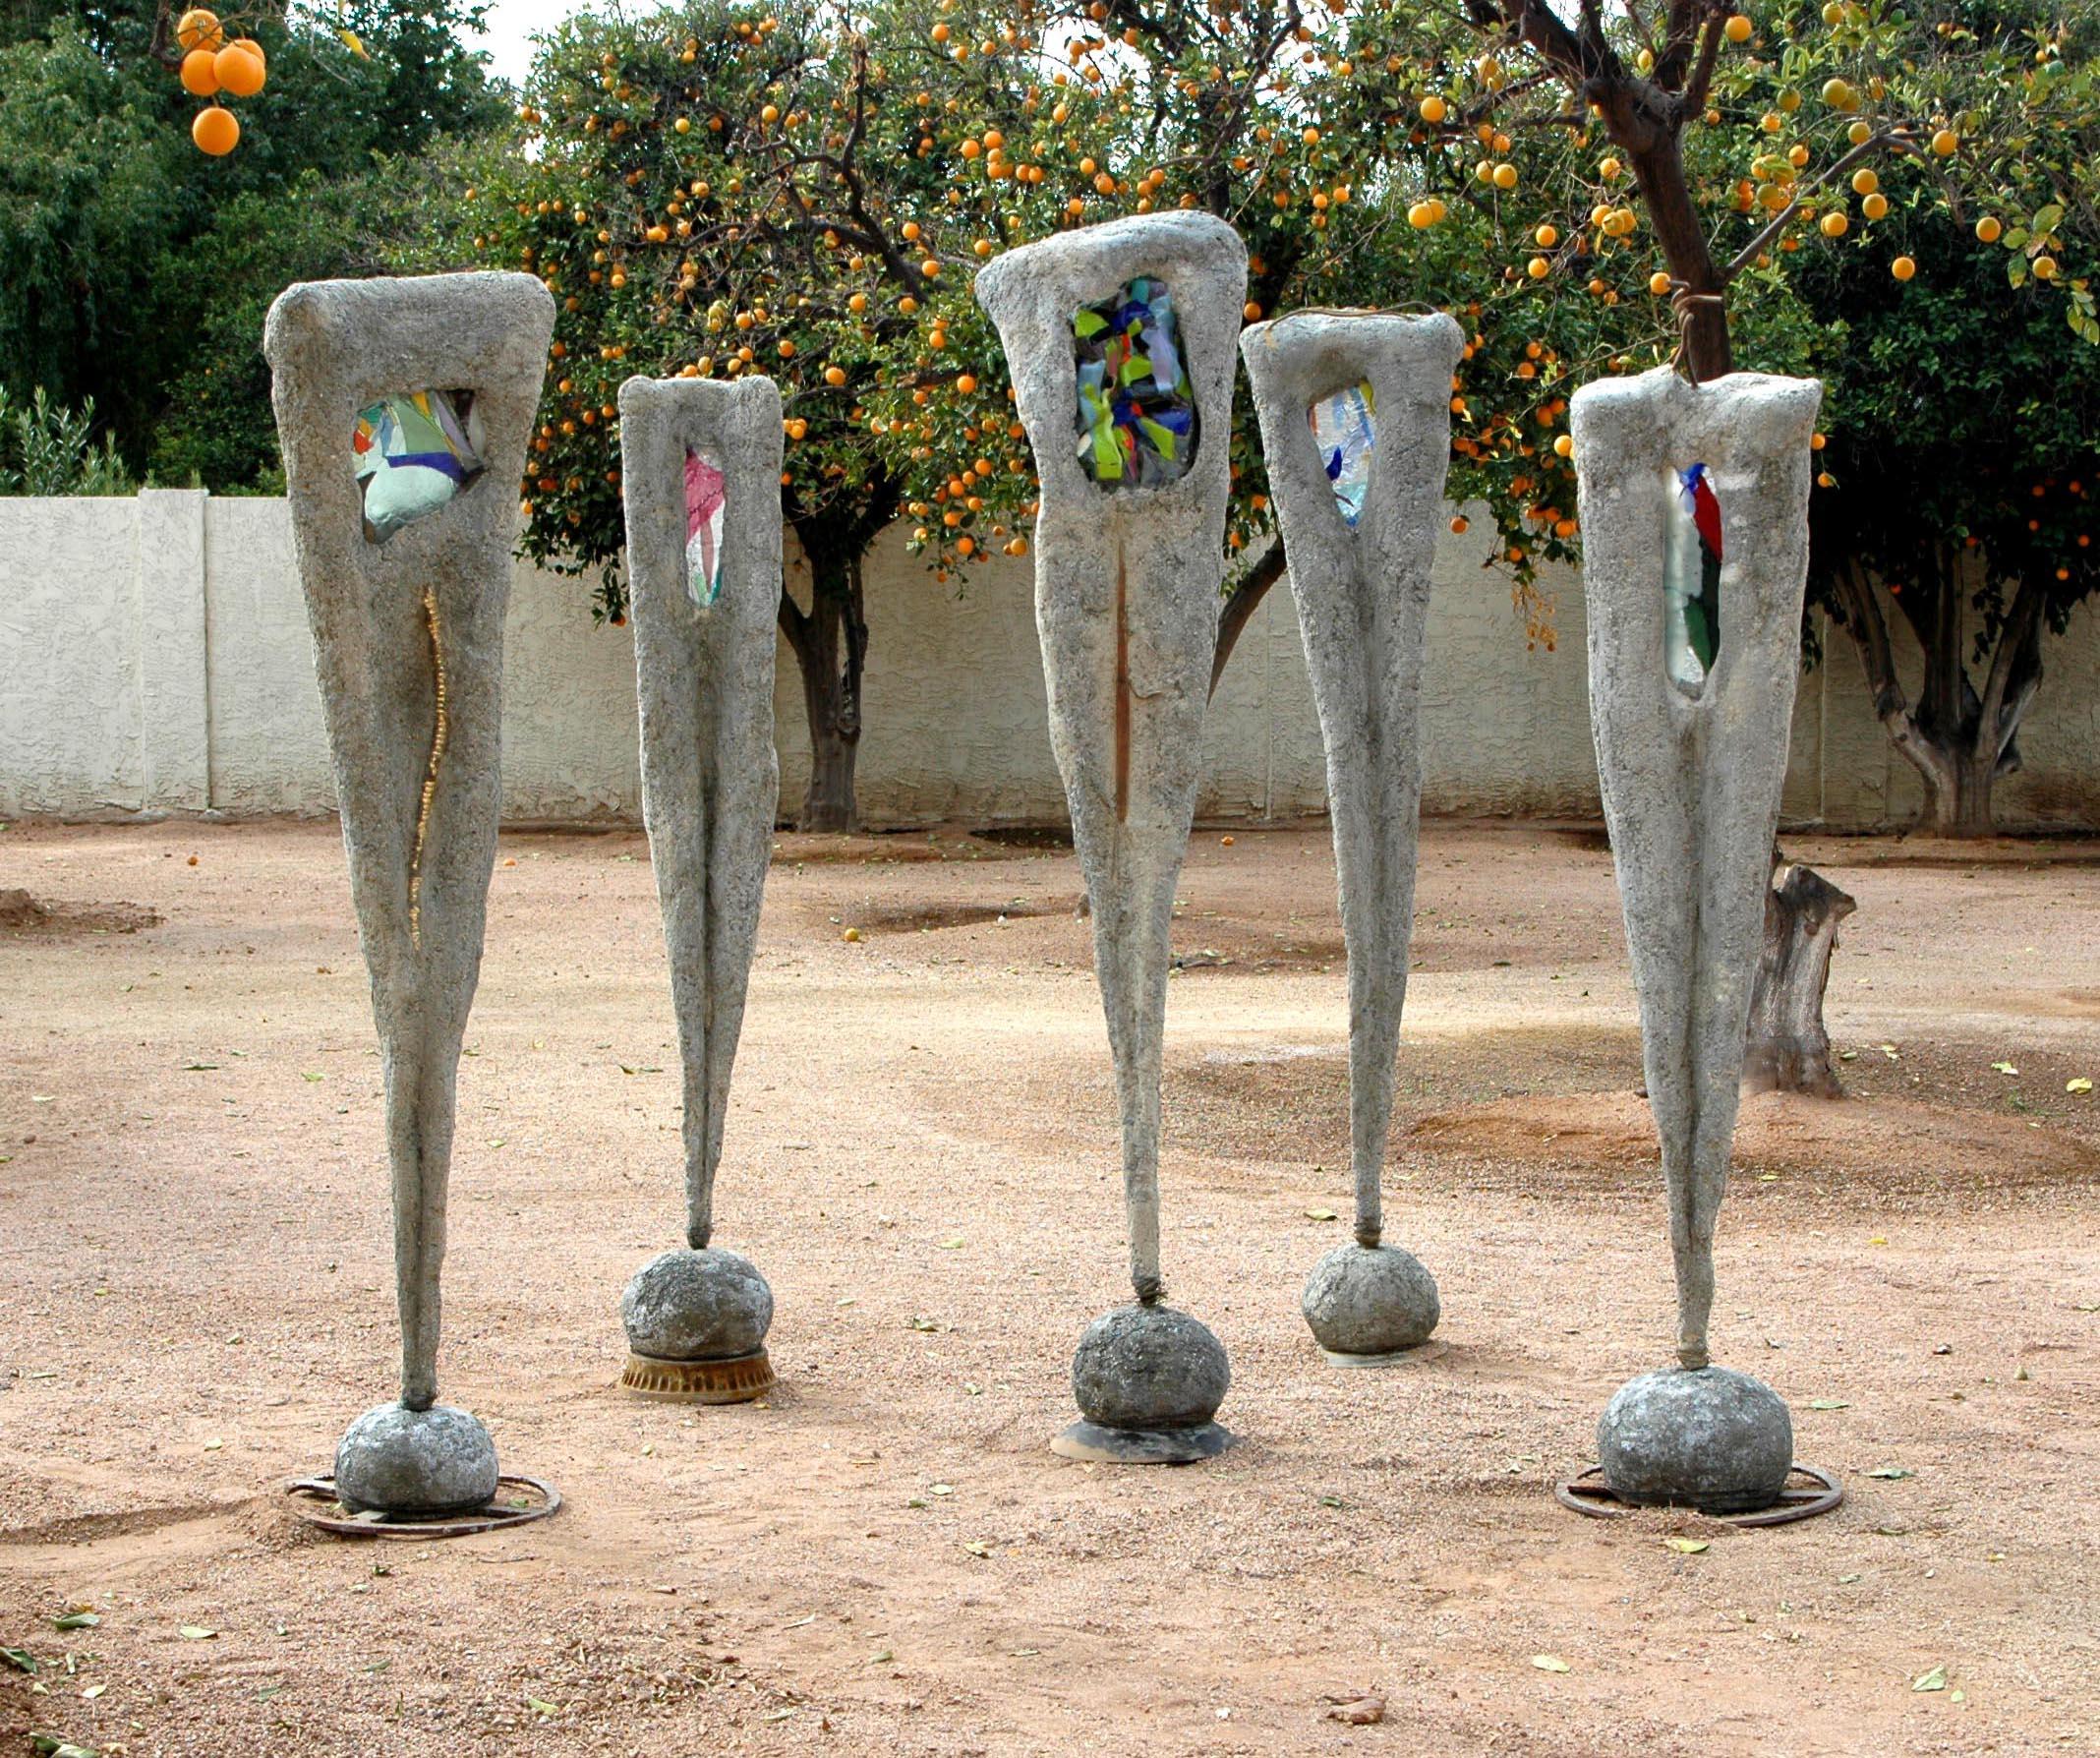 Larry Mclaughlin, Sculpture Group, concrete, glass.jpg